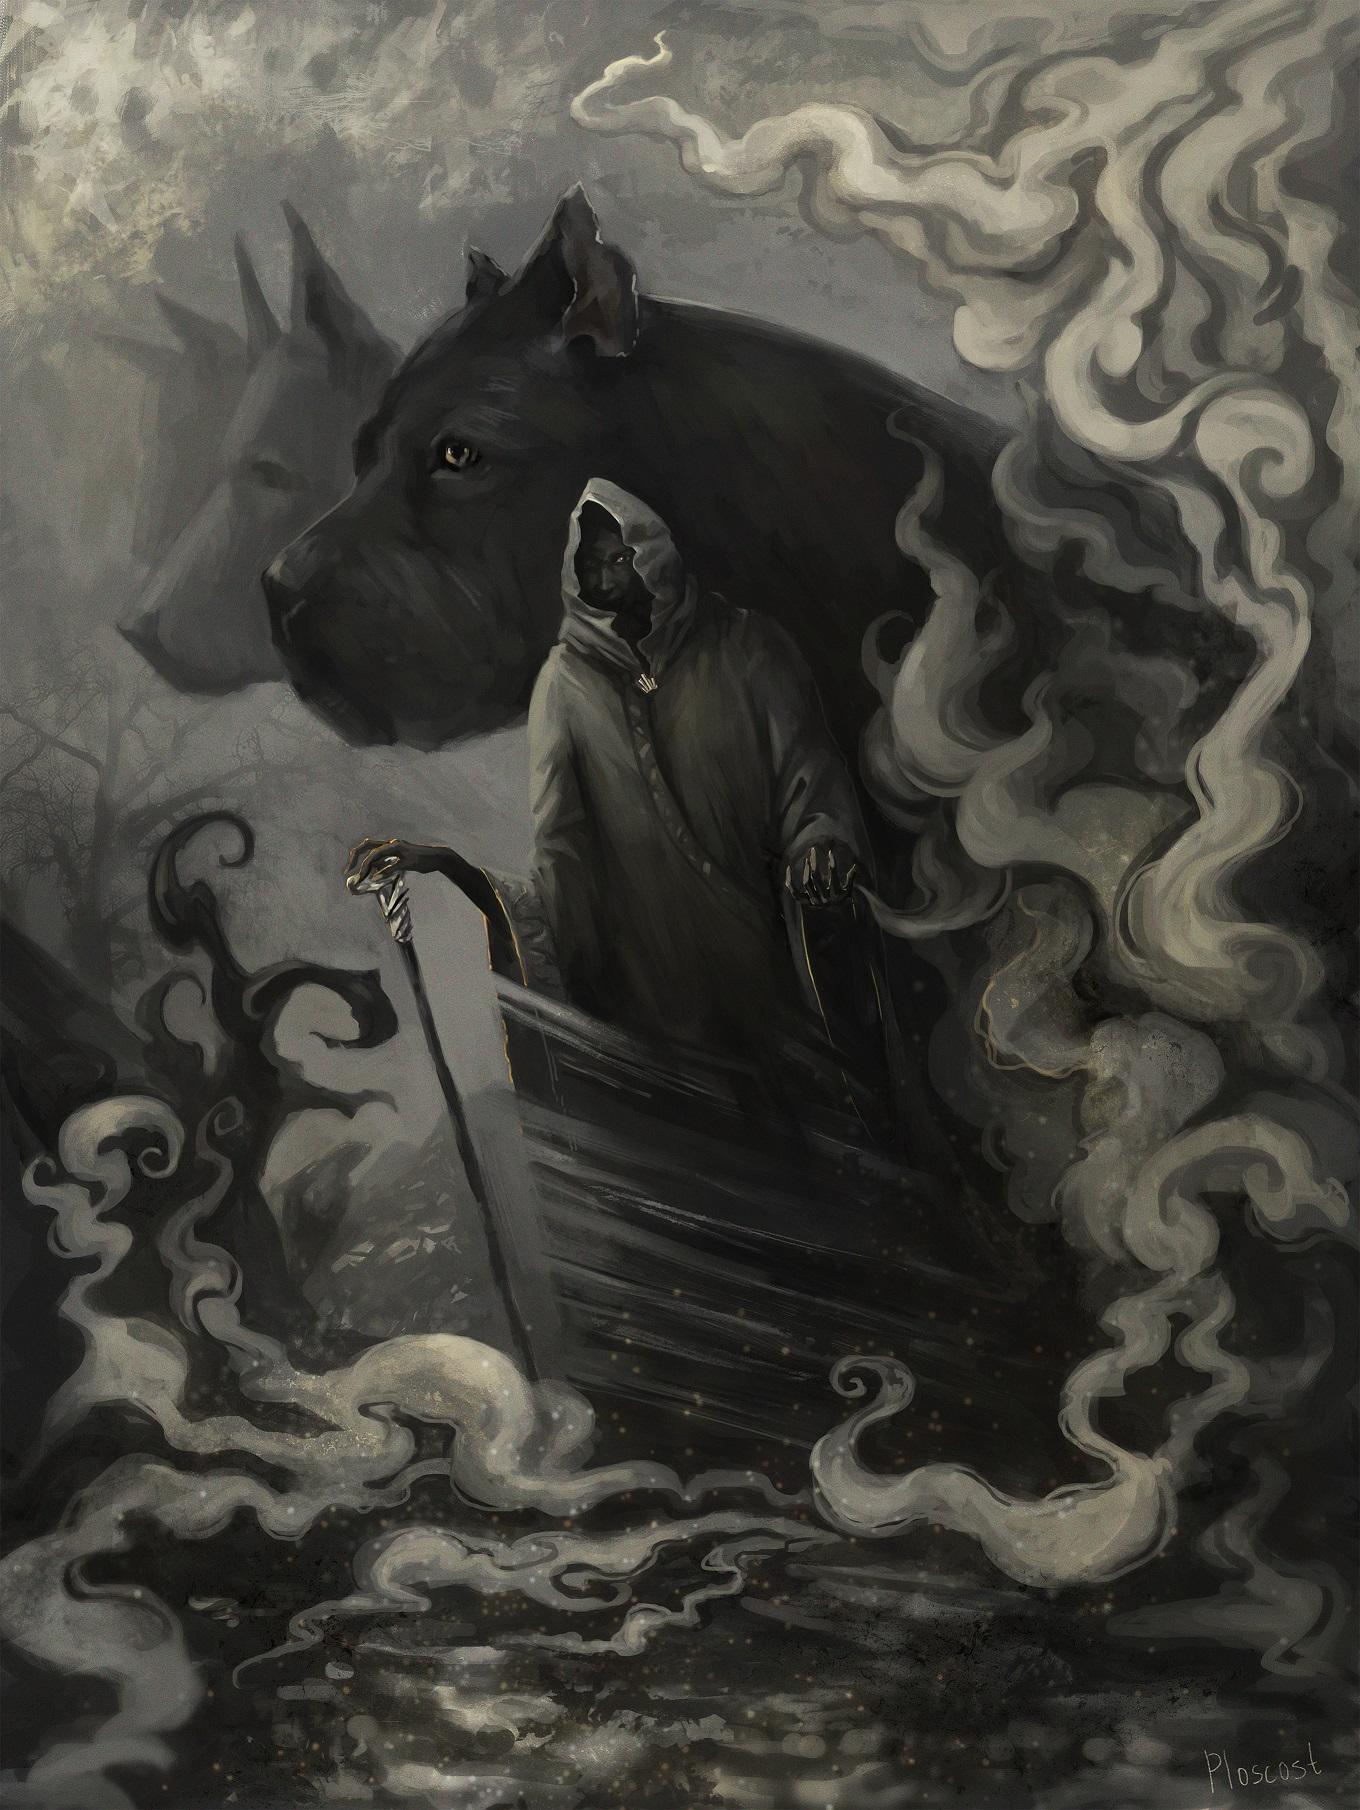 2019 - Shadowthrone by Ploscost.jpg